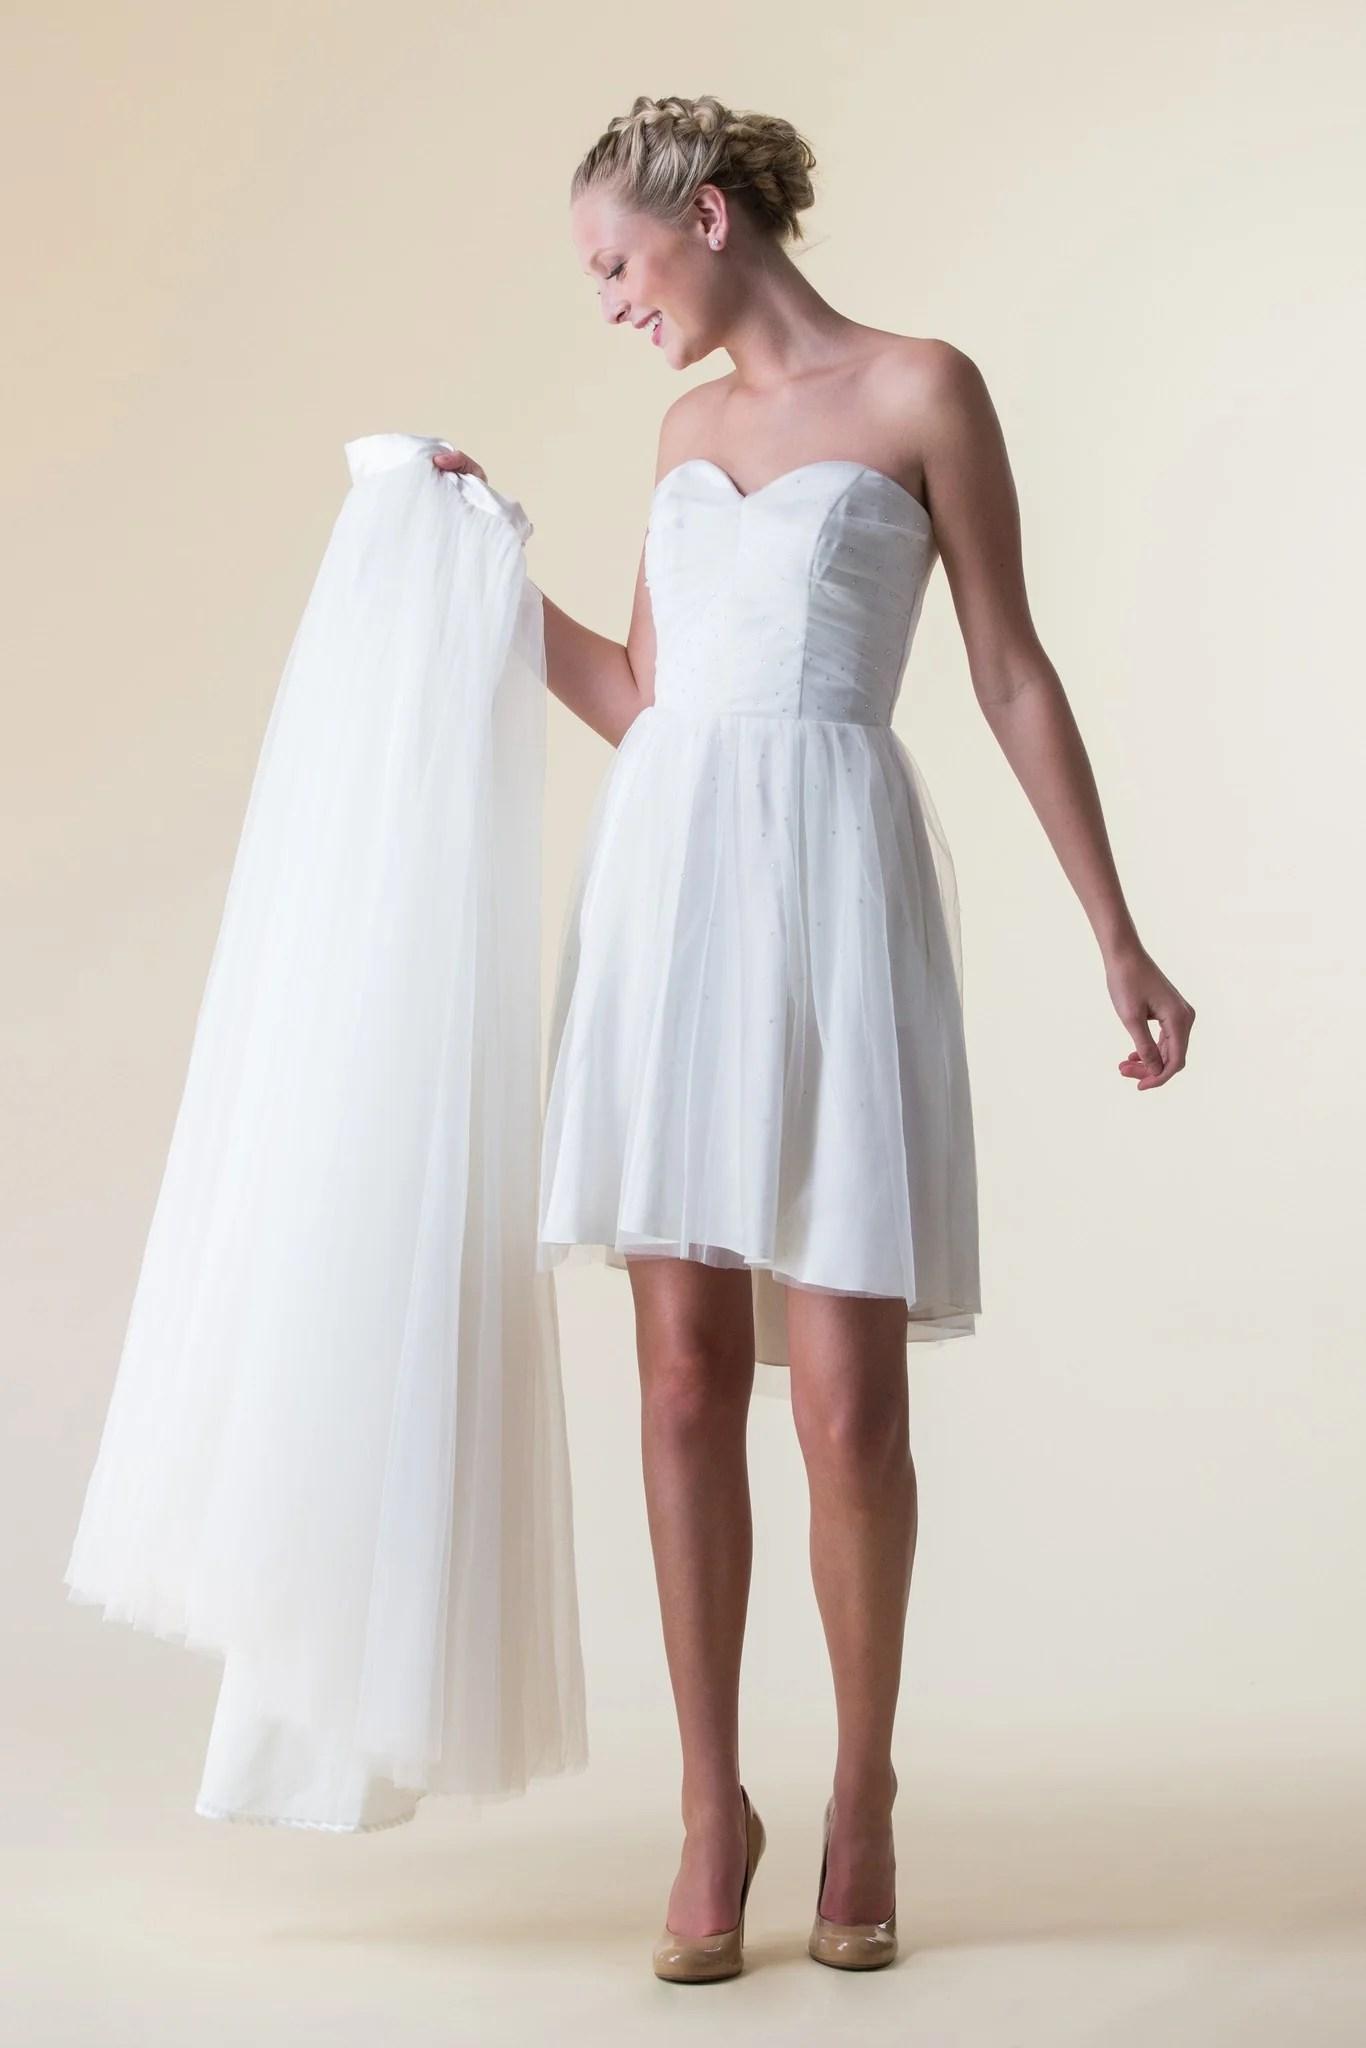 florence dress 1 handmade wedding dresses Fair Trade Eco Indie Ethical handmade wedding dress with natural waist and sweetheart